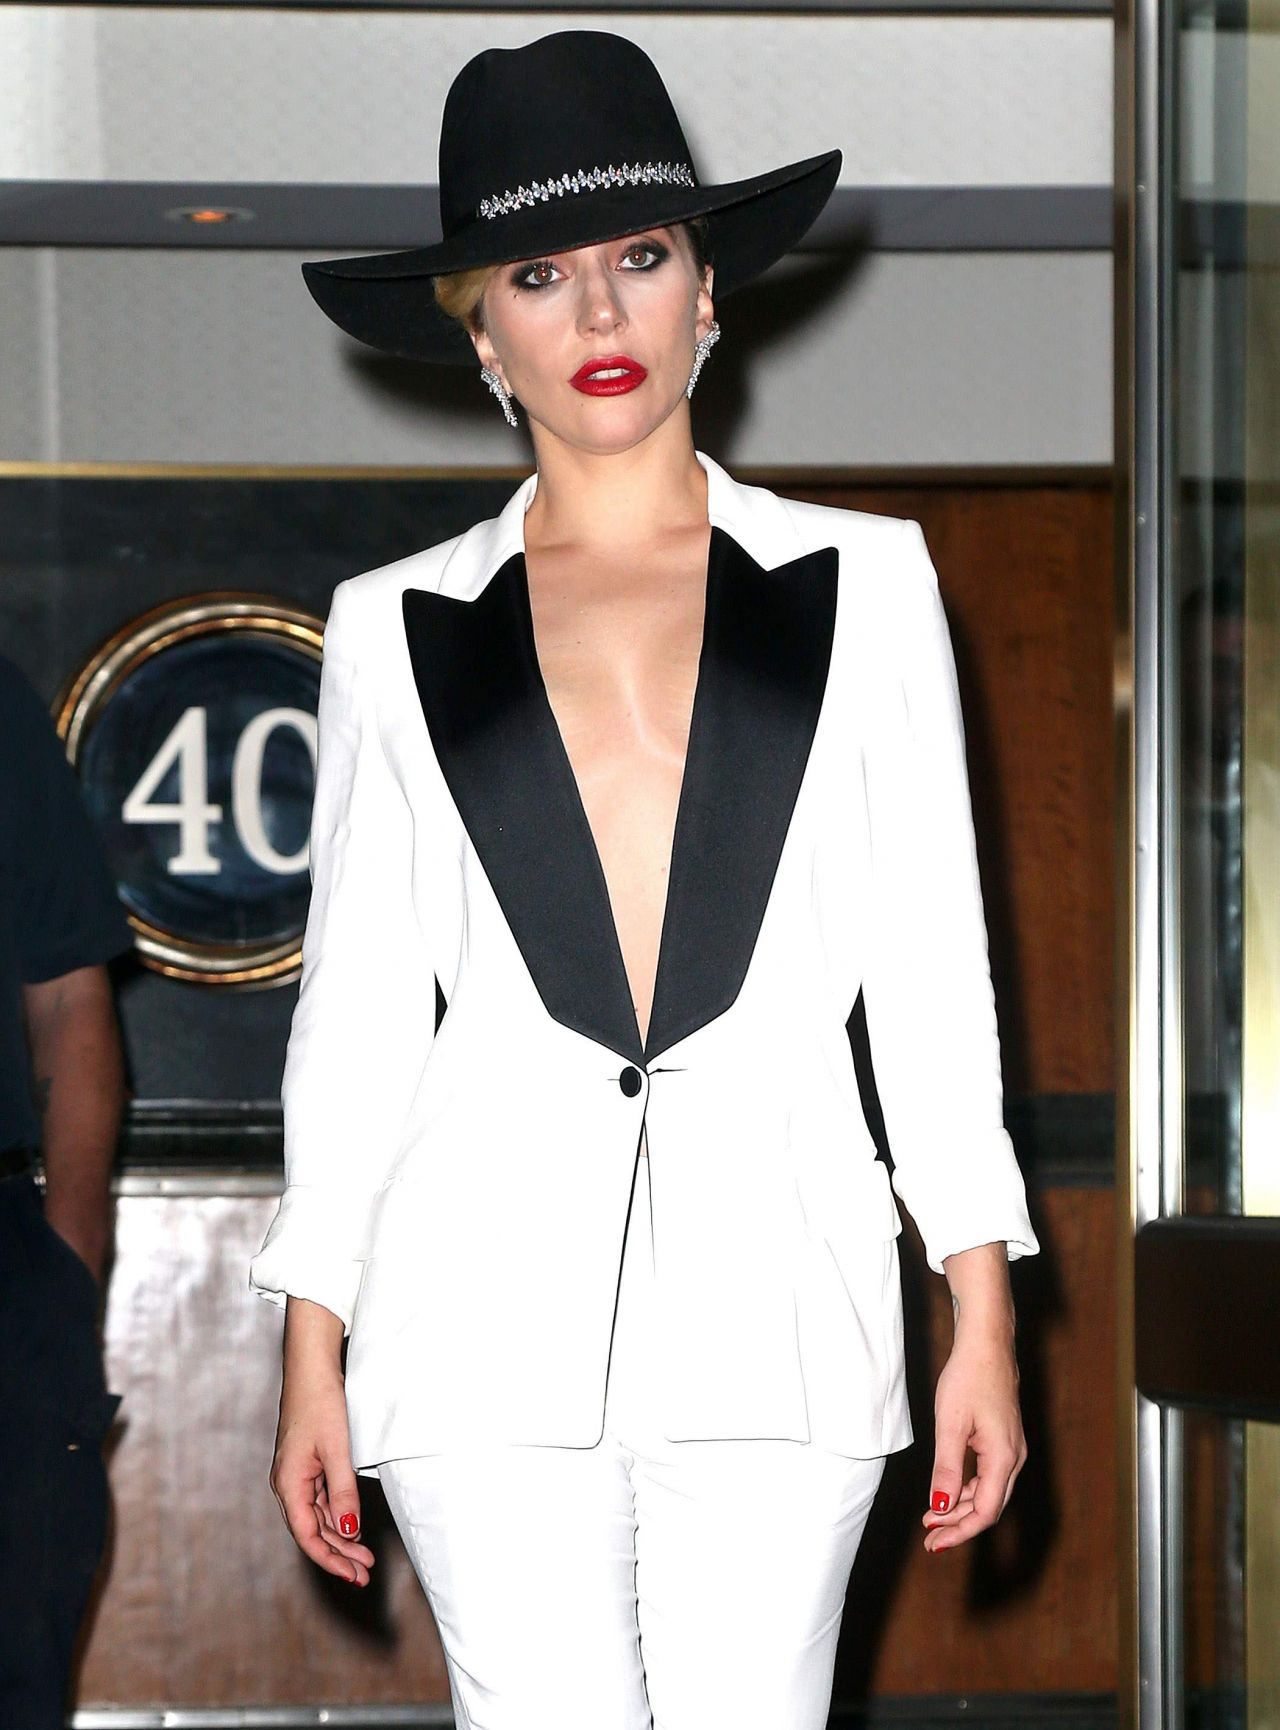 lady gaga classy fashion  out in nyc 9222016